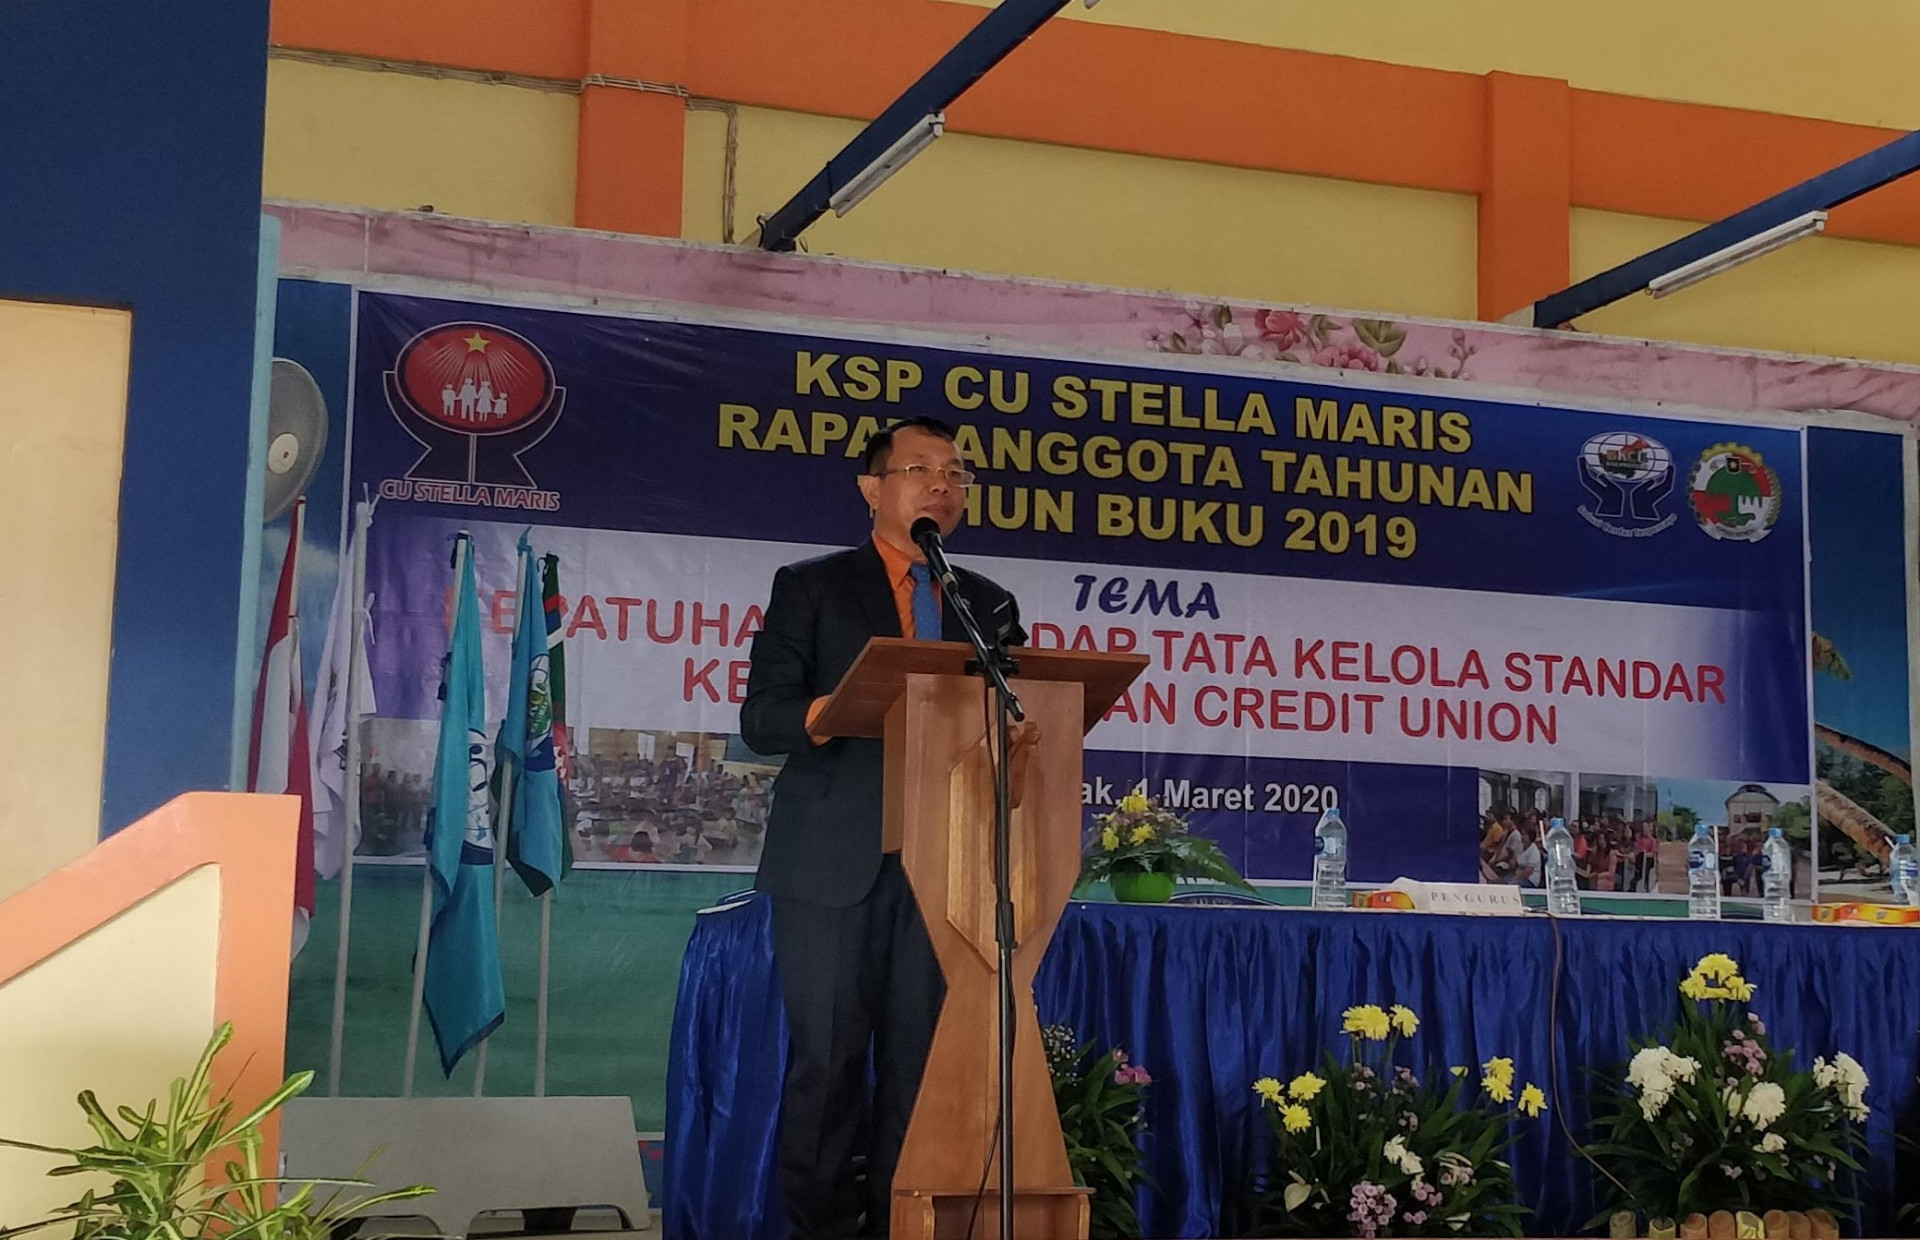 SAMBUTAN PENGURUS BKCU DI RAT CU STELLA MARIS TB 2019